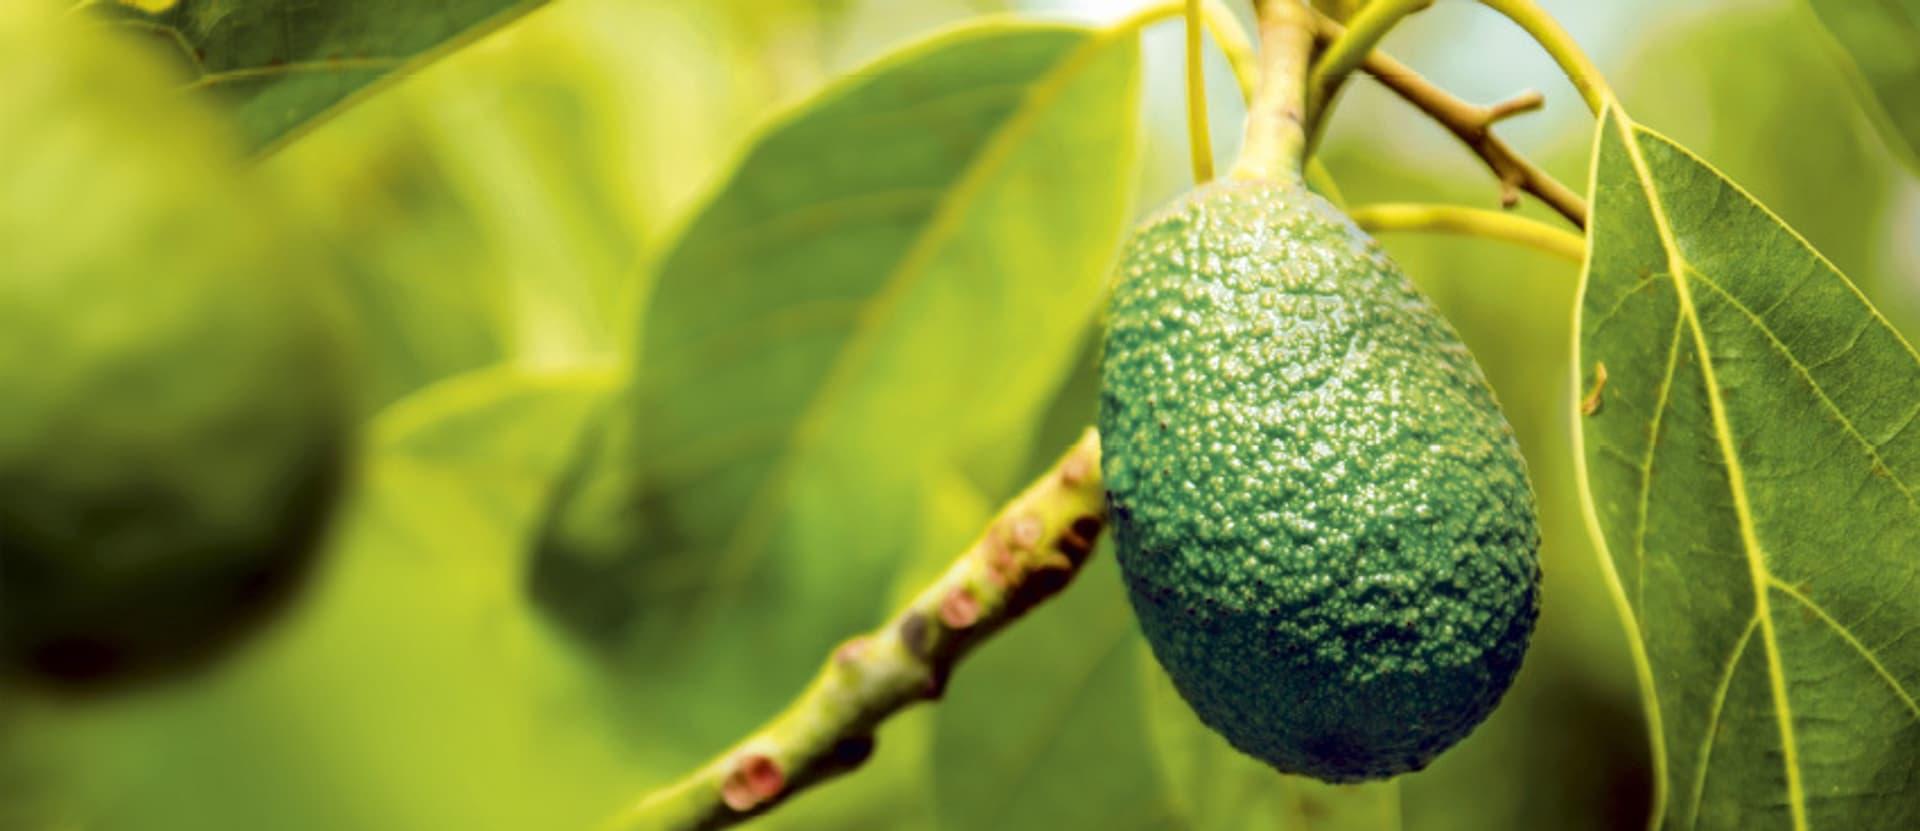 Eine grüne Avocado an einem Ast